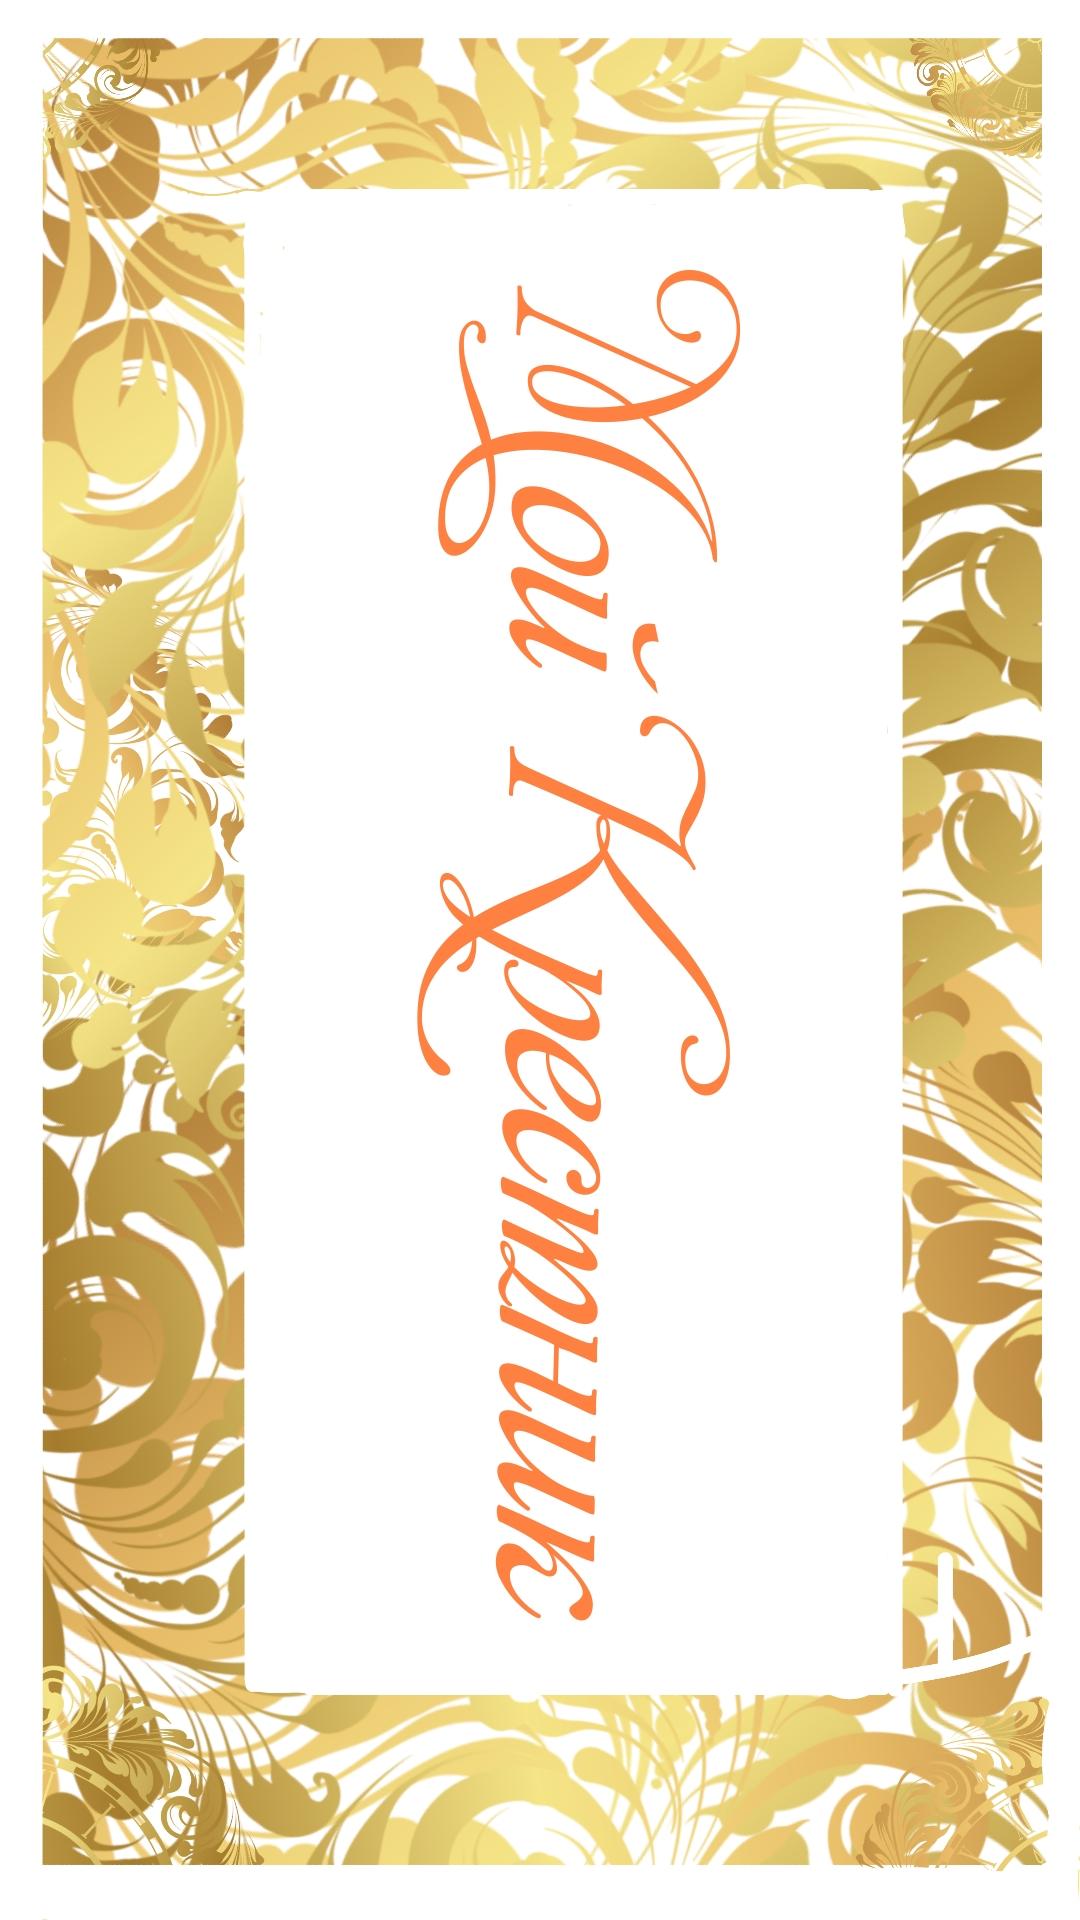 Логотип для крестильной одежды(детской). фото f_3985d4d83ece4820.jpg